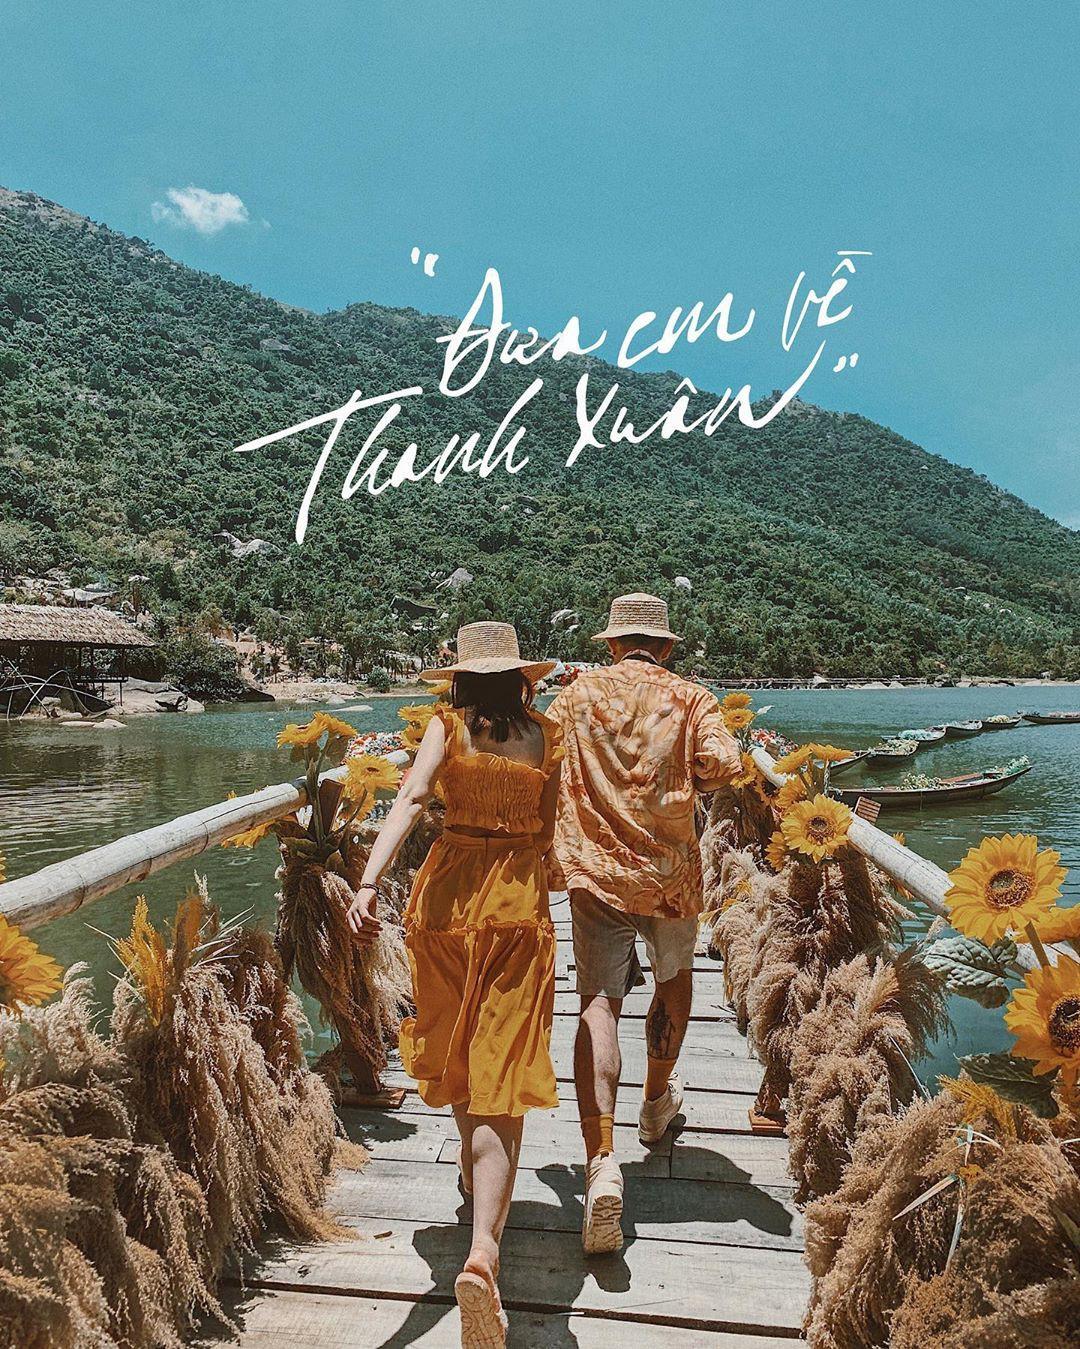 Lễ này có đến Nha Trang, nhớ ghim ngay 6 điểm đến tuyệt đẹp cực hiếm người biết dưới đây! - Ảnh 15.